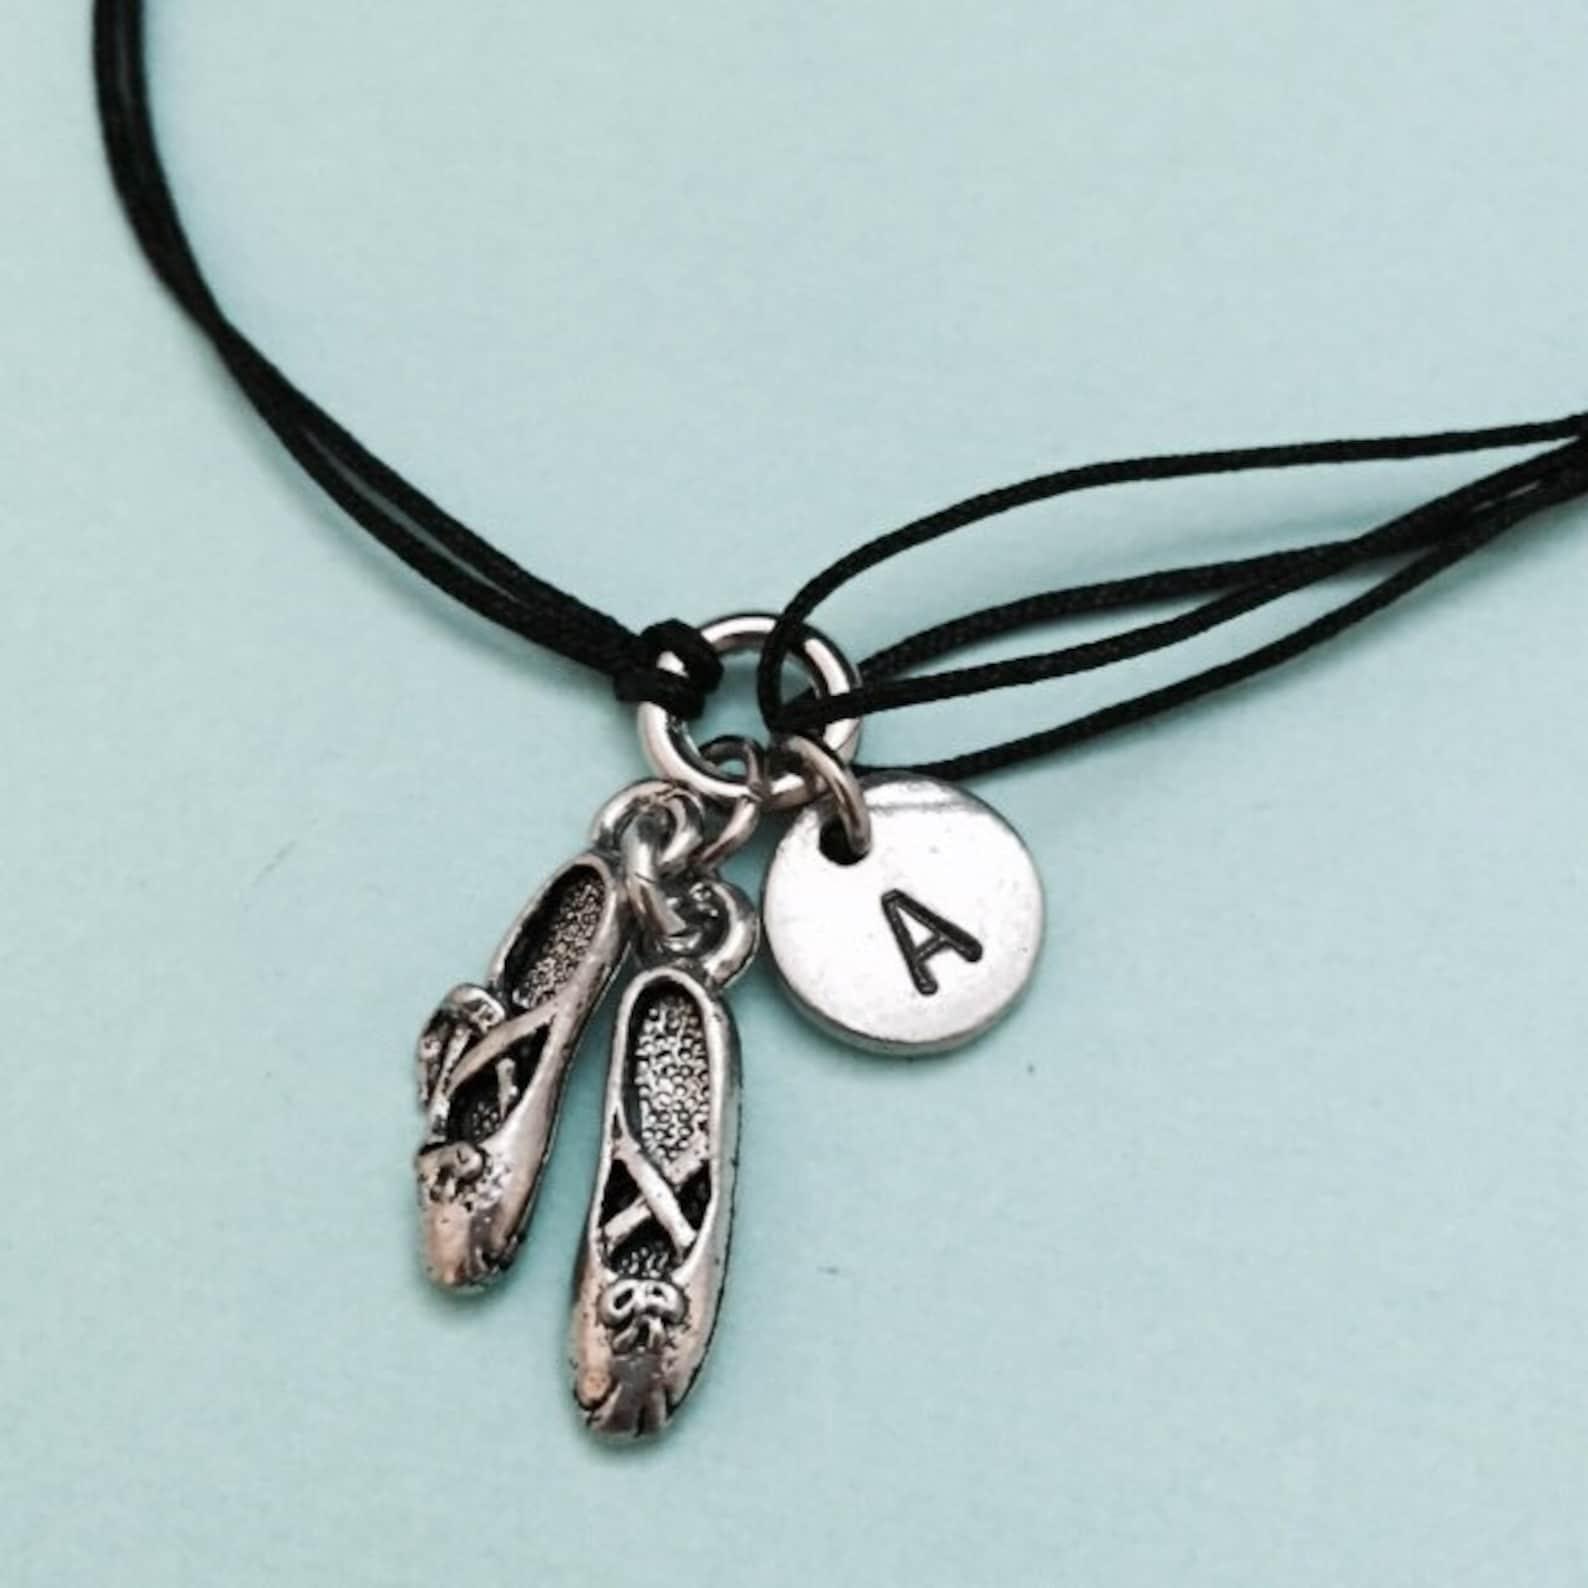 ballet shoes cord bracelet, ballet shoes charm bracelet, adjustable bracelet, charm bracelet, personalized bracelet, initial, mo